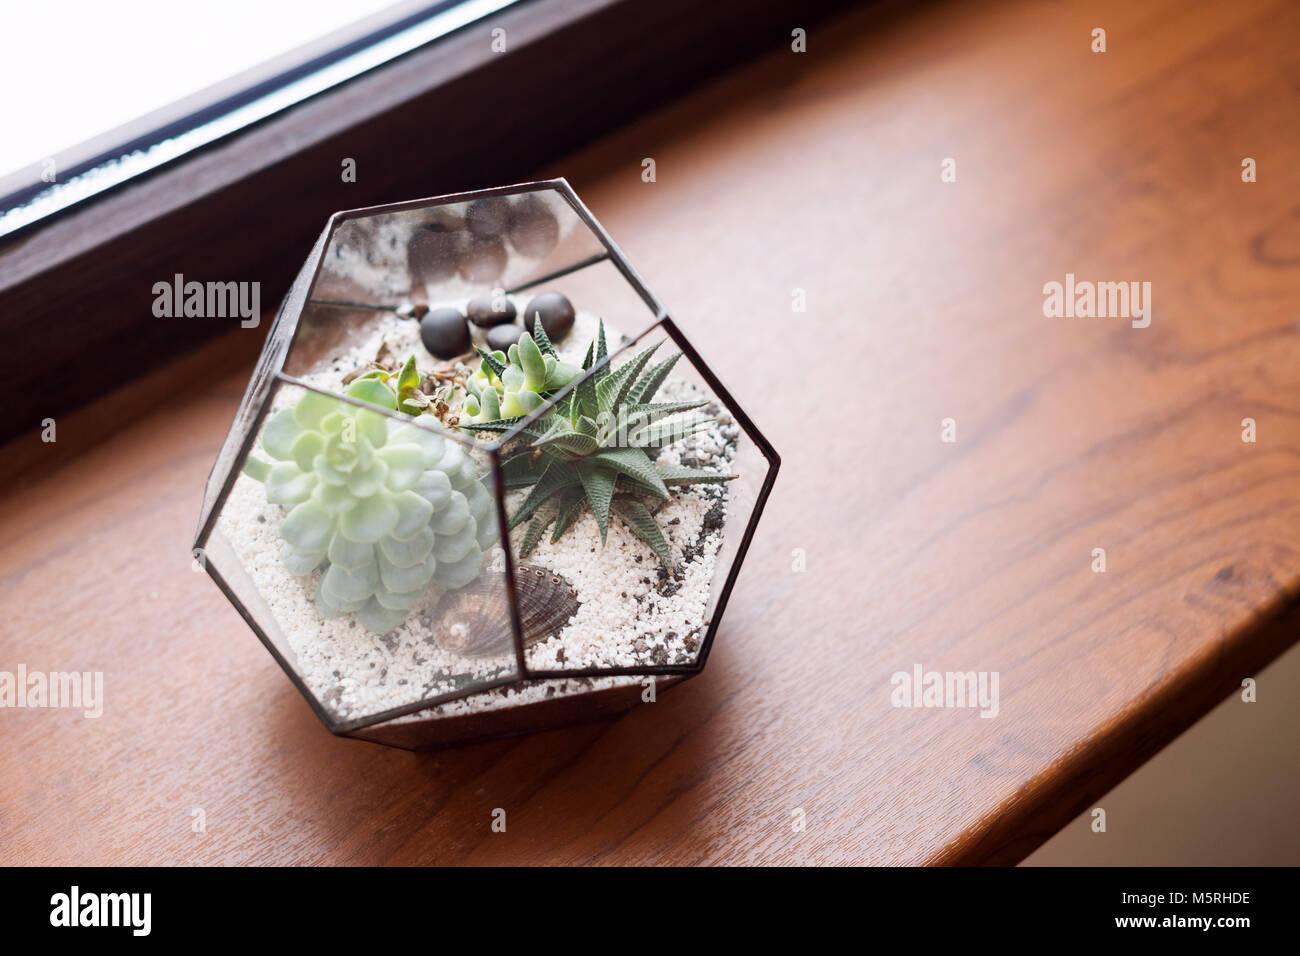 Mini Saftigen Garten In Glas Terrarium Auf Holz Fensterbank